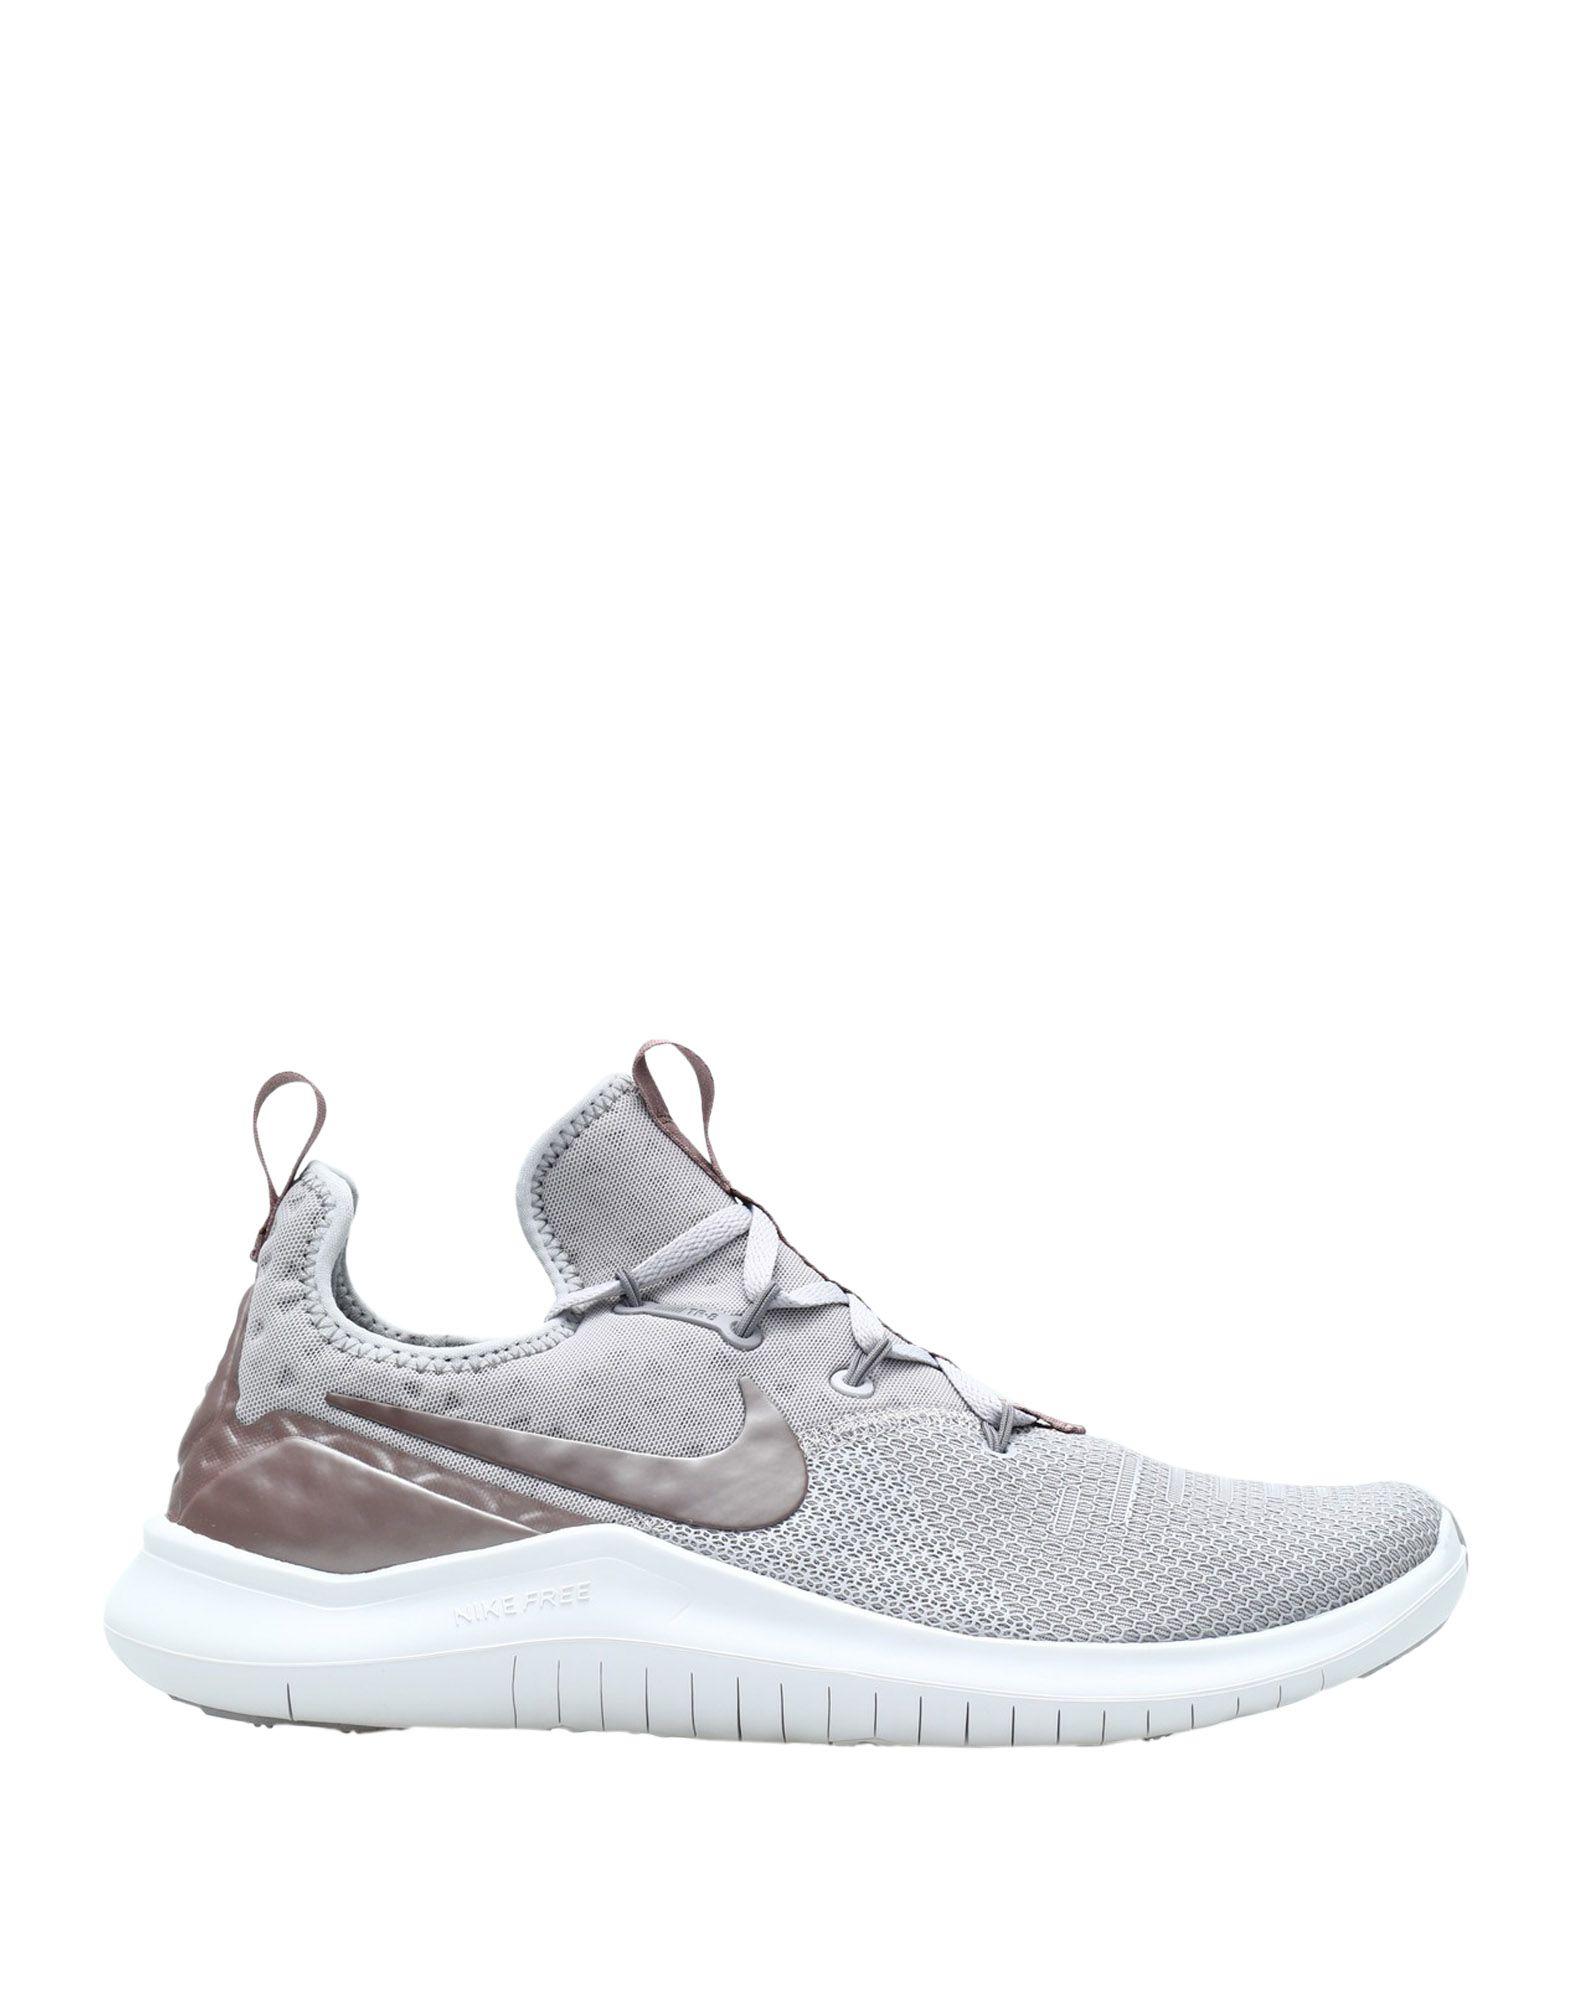 Nike   Free Tr 8 Lm  11539717WK Gute Qualität beliebte Schuhe